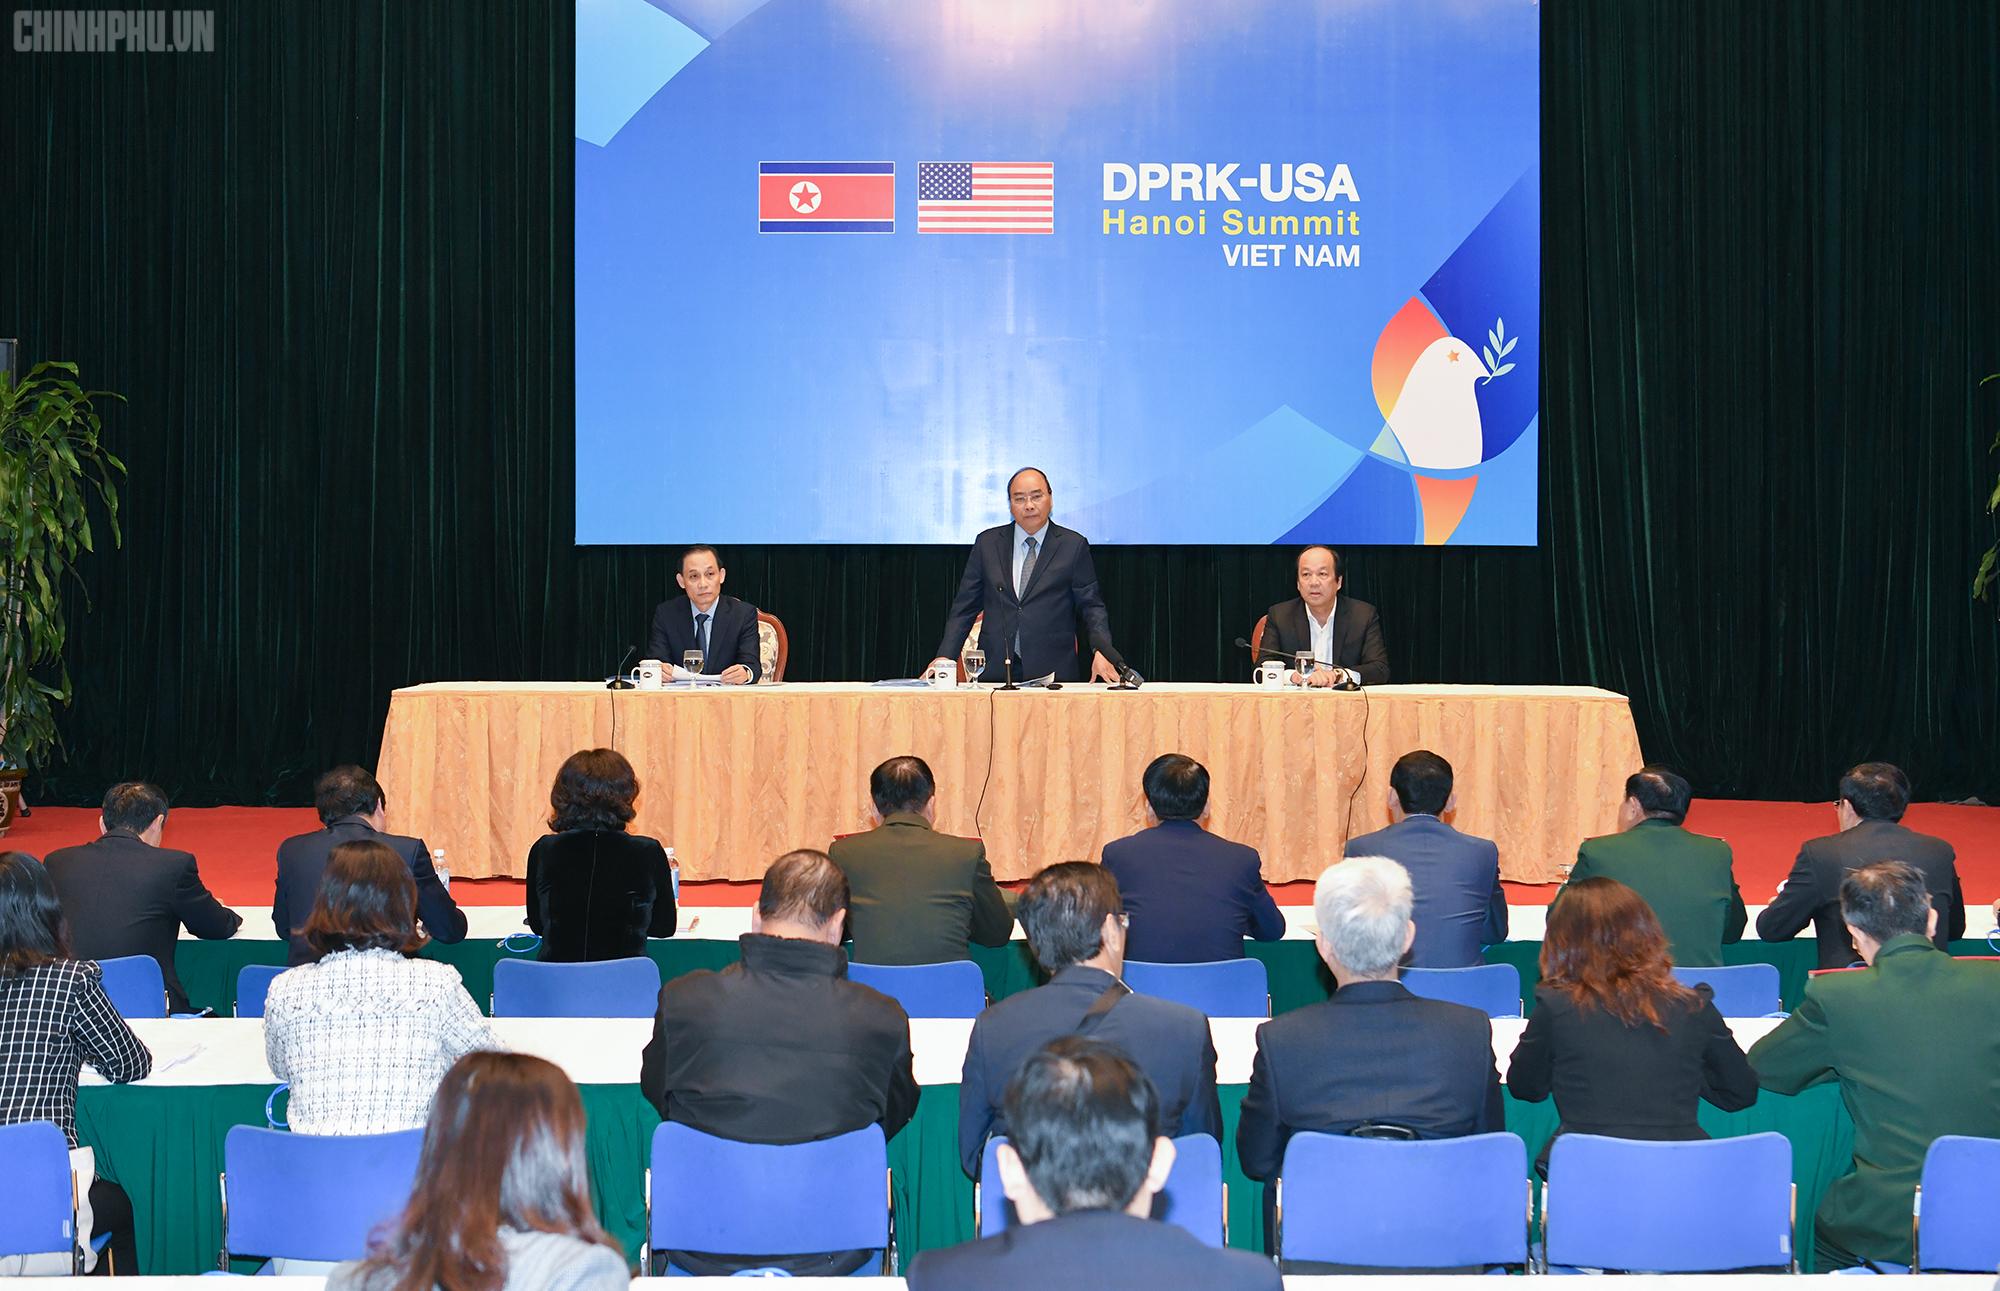 Thủ tướng yêu cầu chuẩn bị các điều kiện tốt nhất, chu đáo nhất cho Hội nghị thượng định Mỹ - Triều